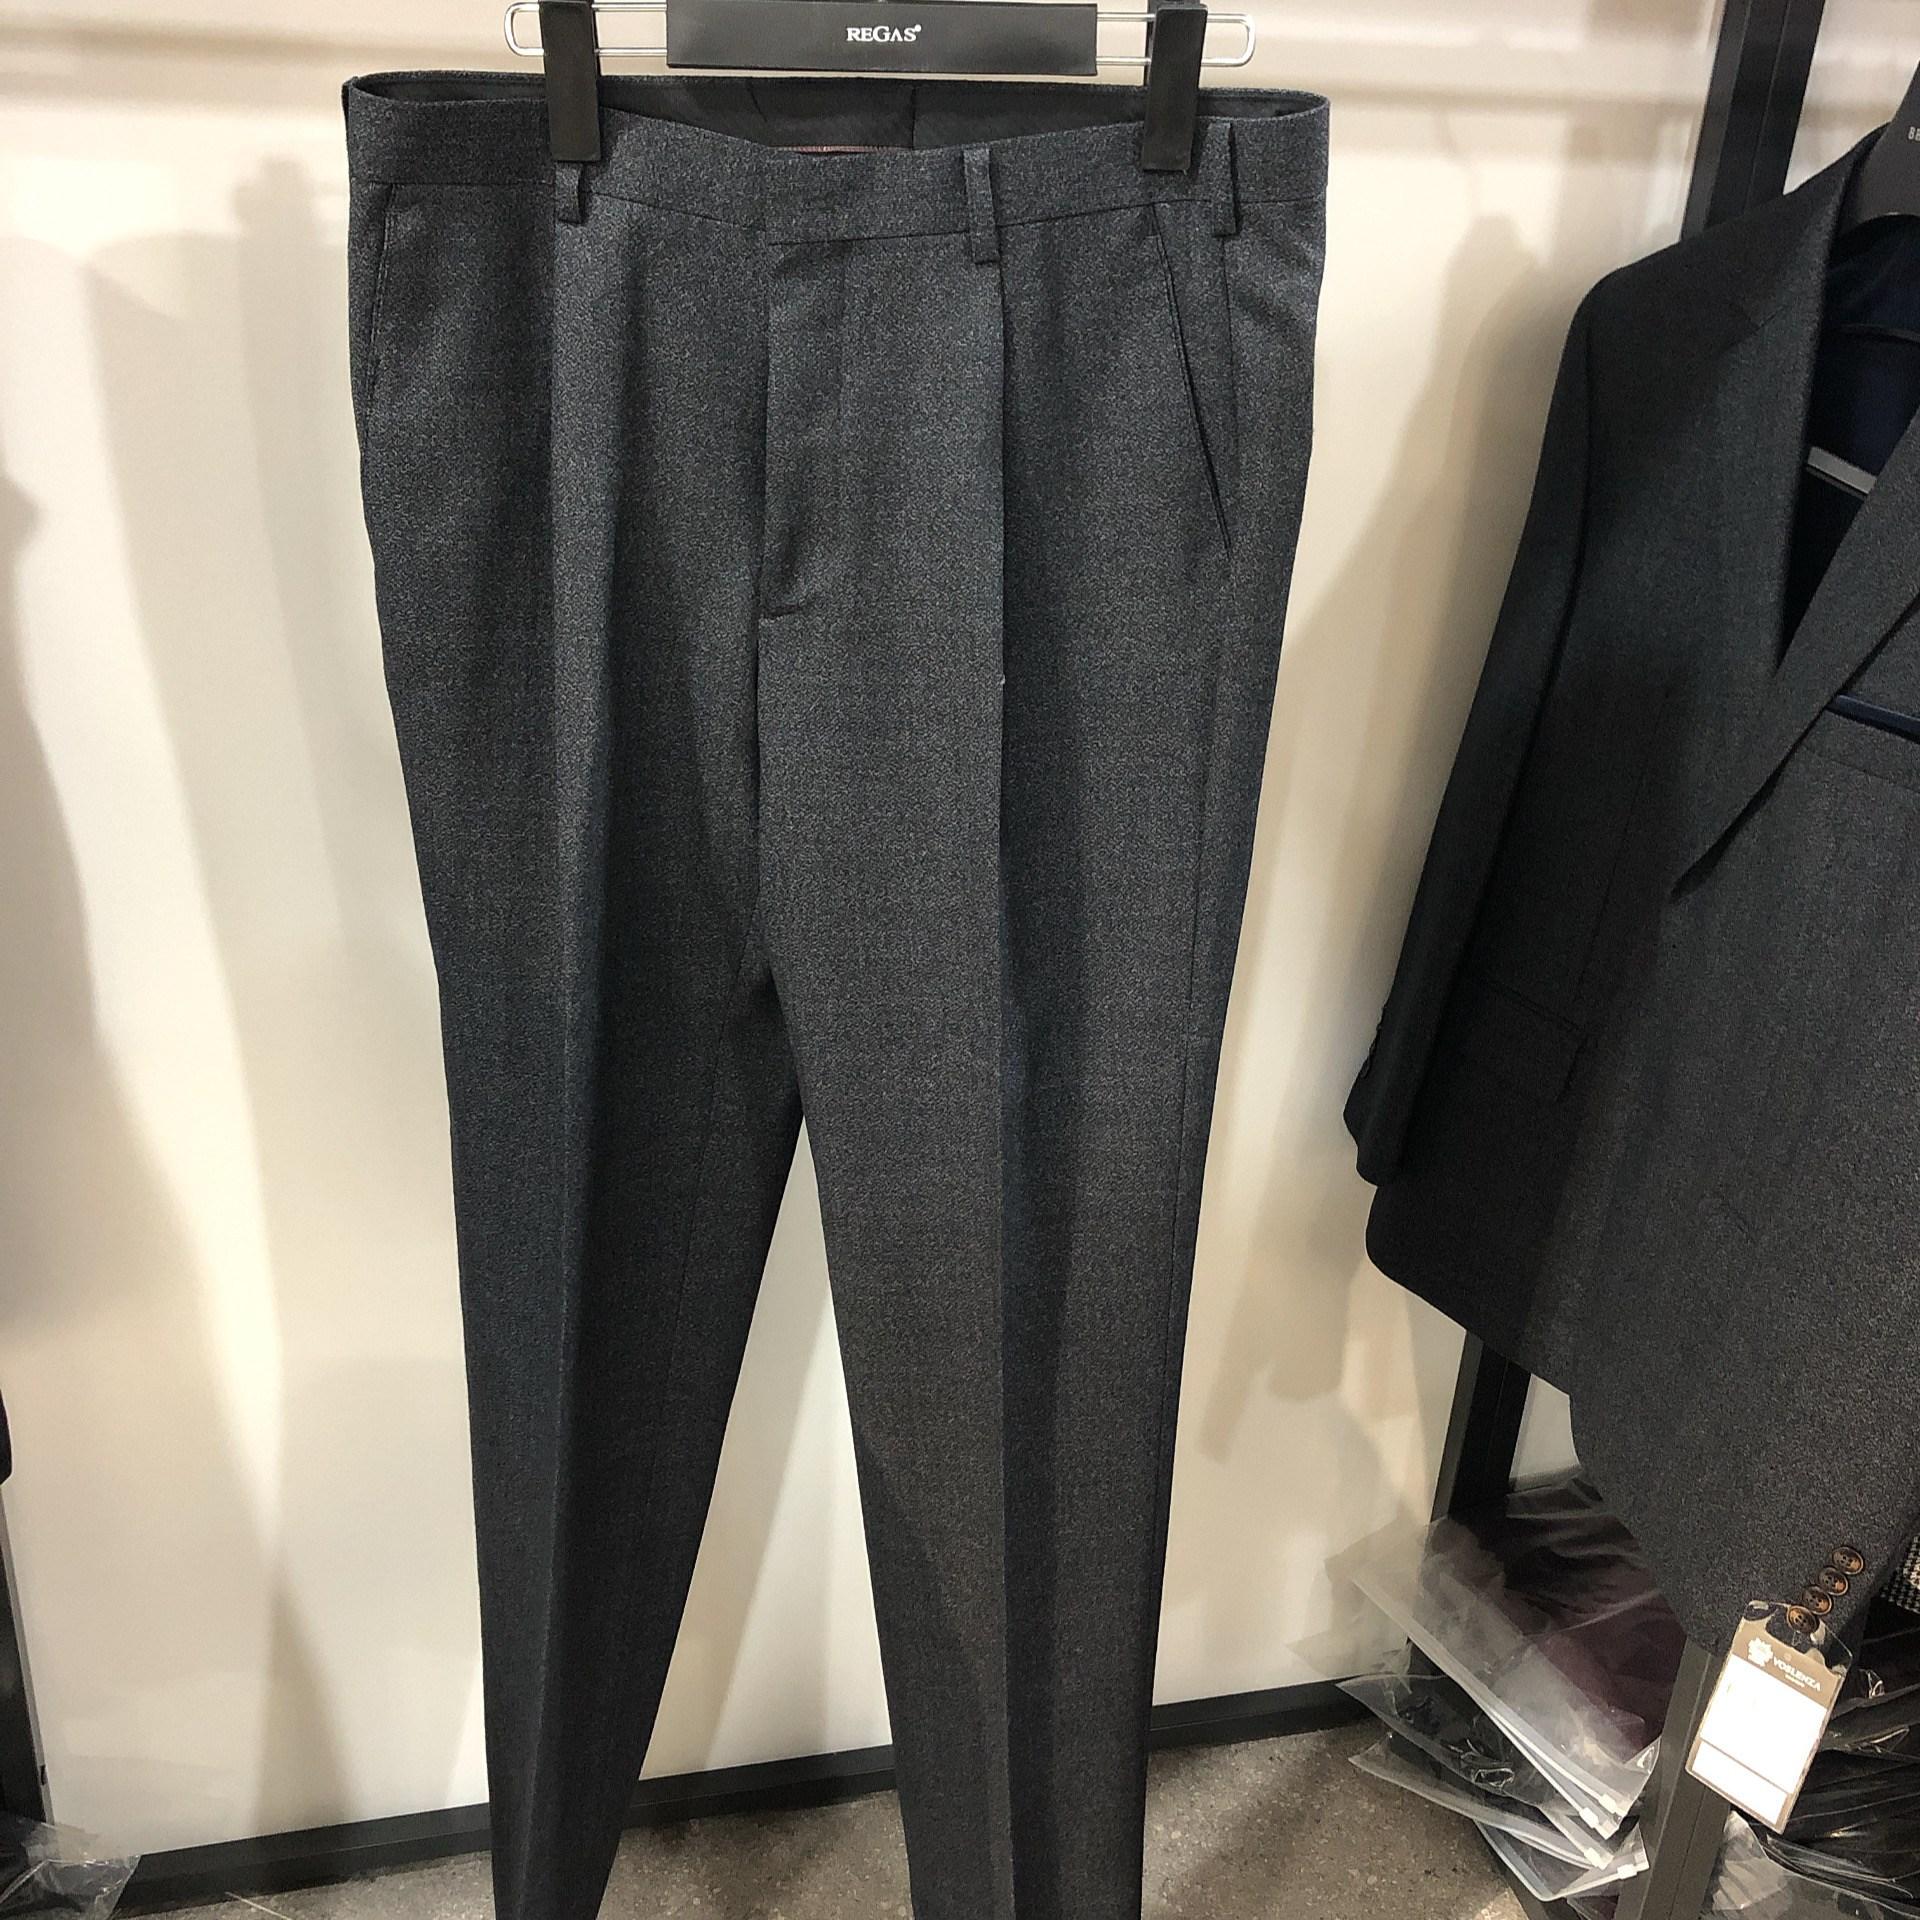 [행복한백화점][보스렌자]남성 기본라인 겨울용 정장팬츠 슬랙스 멜란지그레이 RAFPA1142